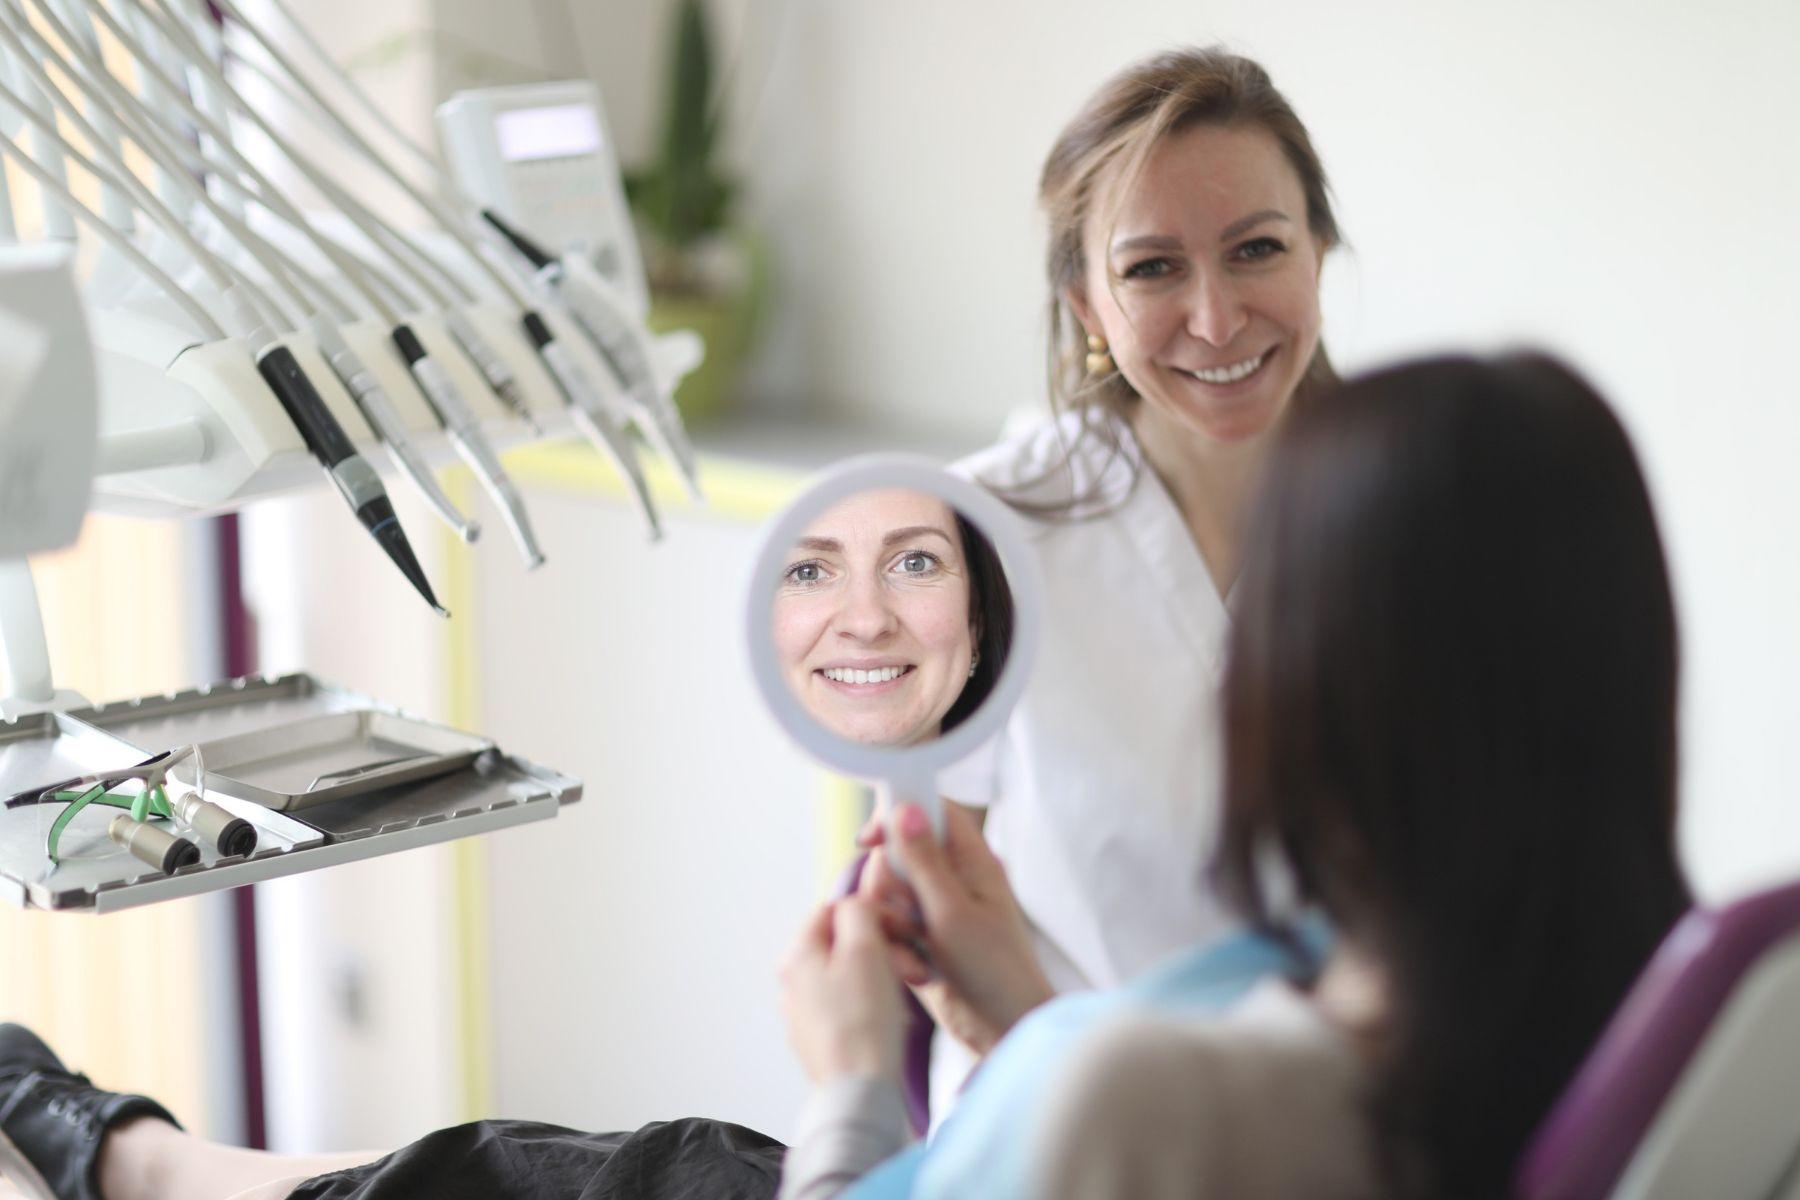 Apmierināta kliente pēc zobu plombēšanas